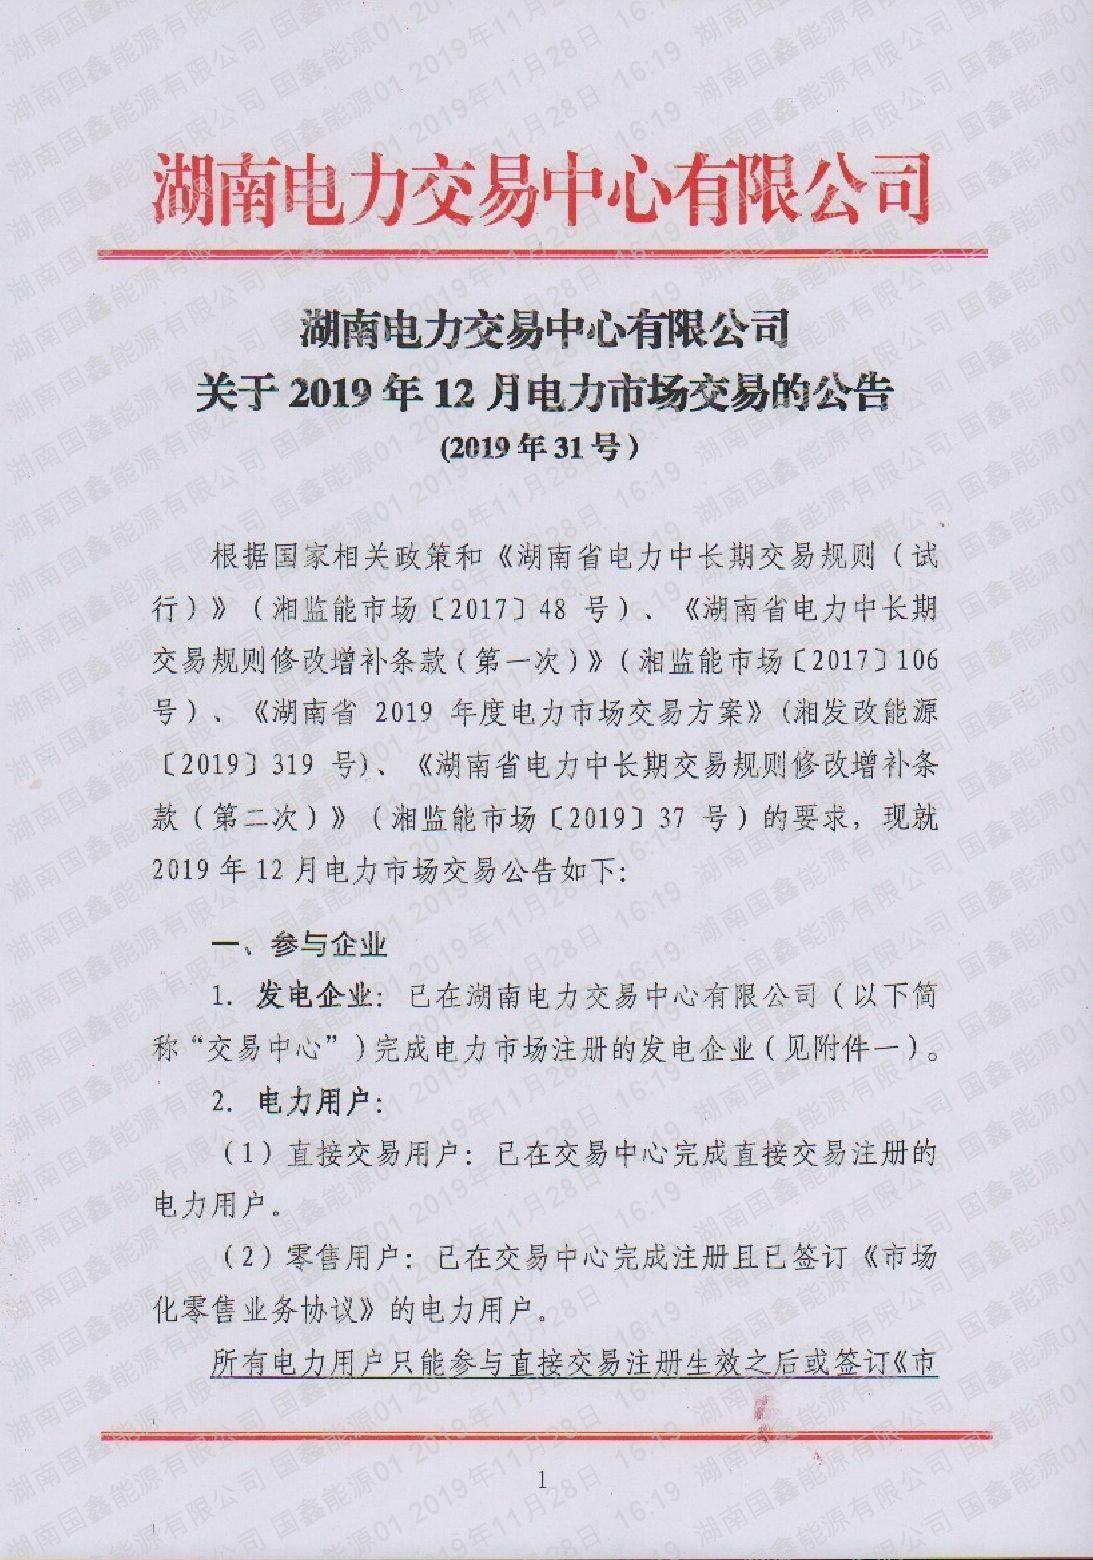 2019年第31號交易公告(12月月度交易).pdf_page_1_compressed.jpg